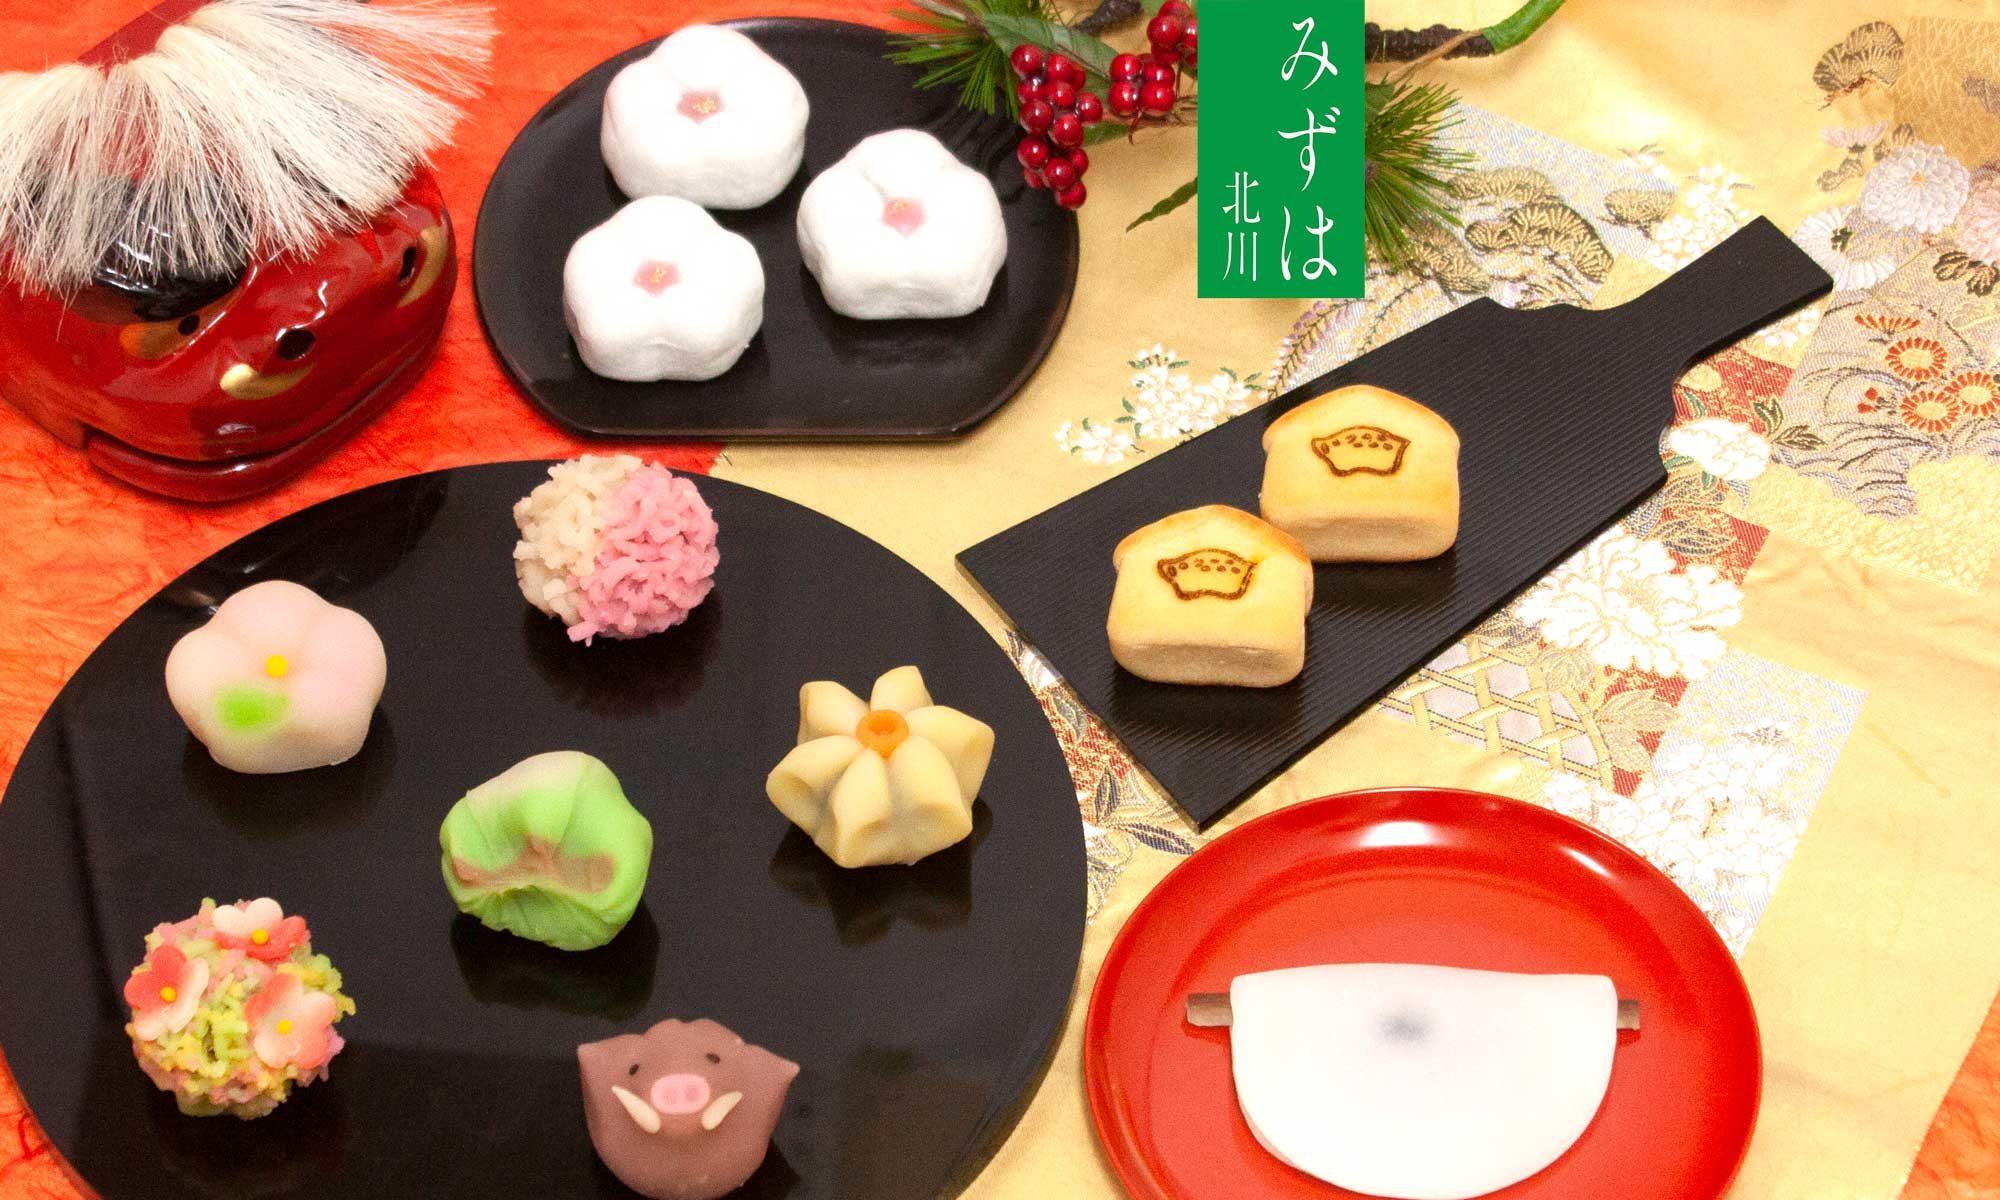 みずは北川 本店 | 長岡京市の和菓子店